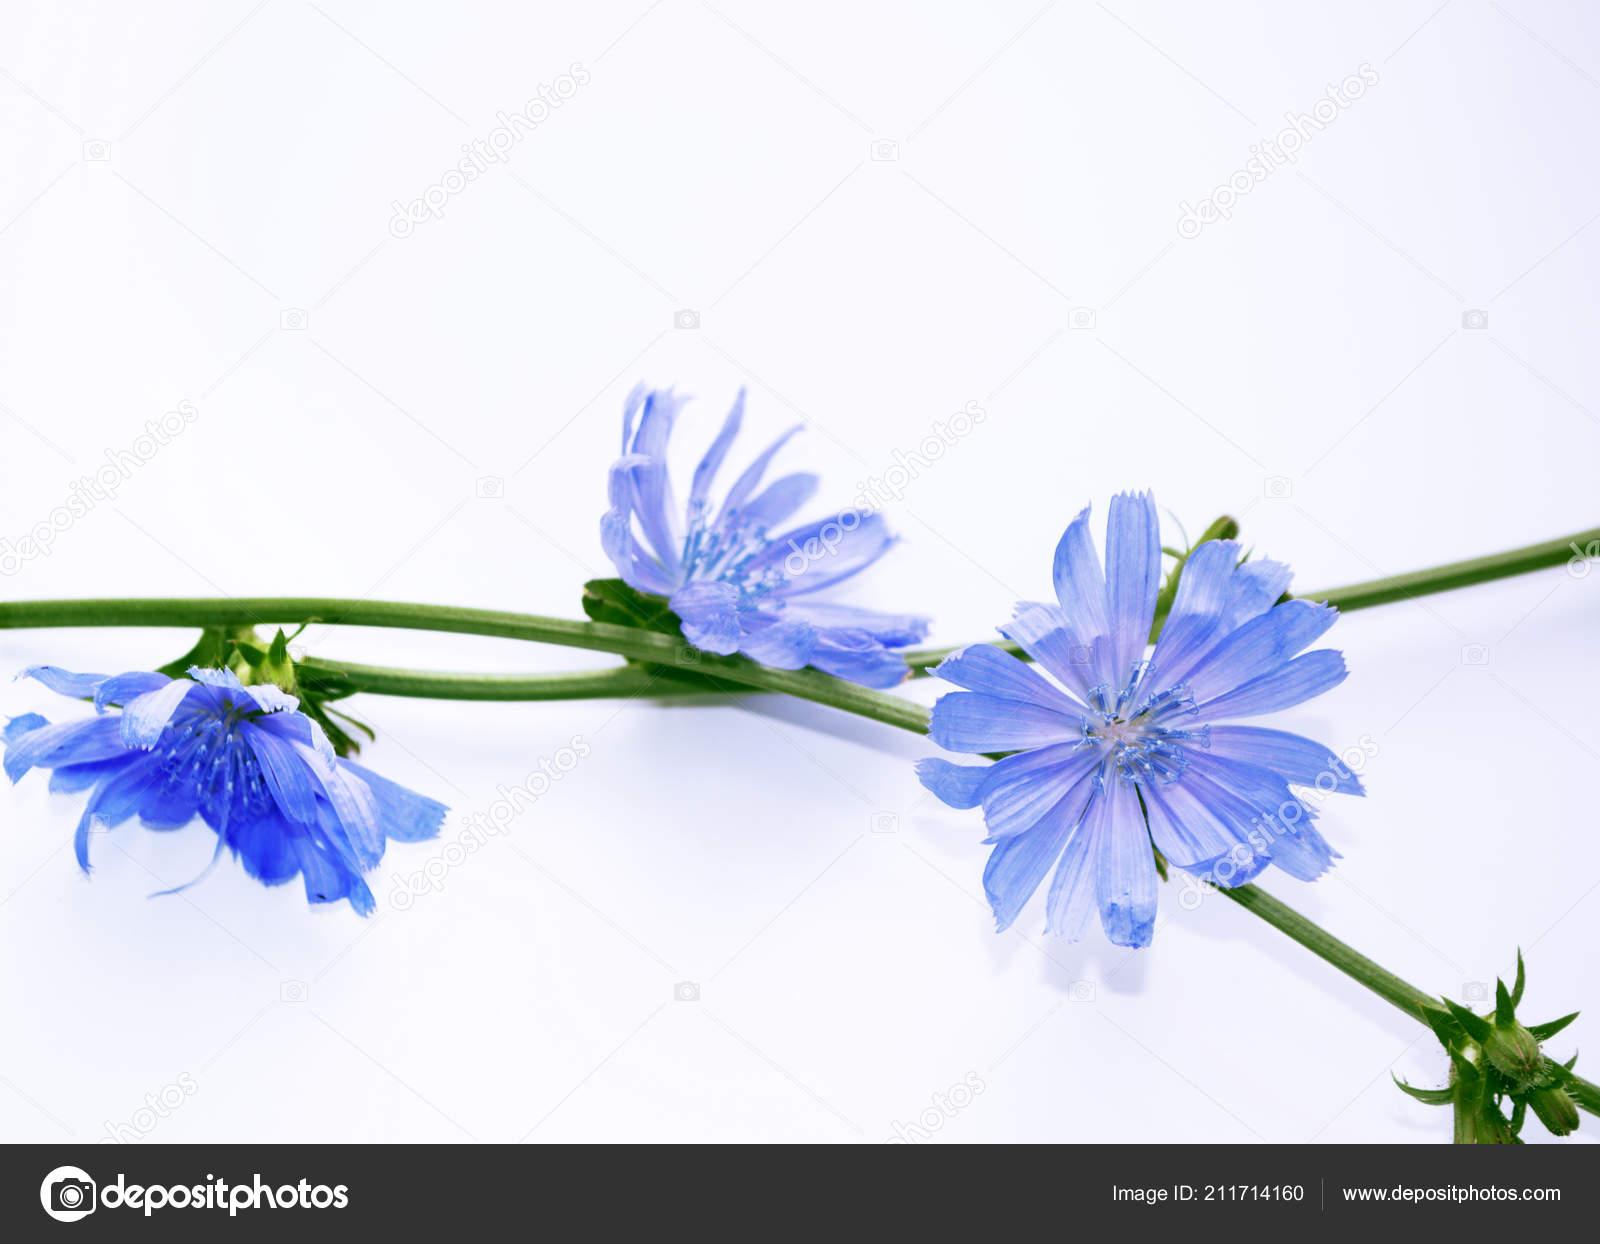 Chicorée Blüte Mit Blatt Isoliert Auf Weißem Hintergrund Stockfoto